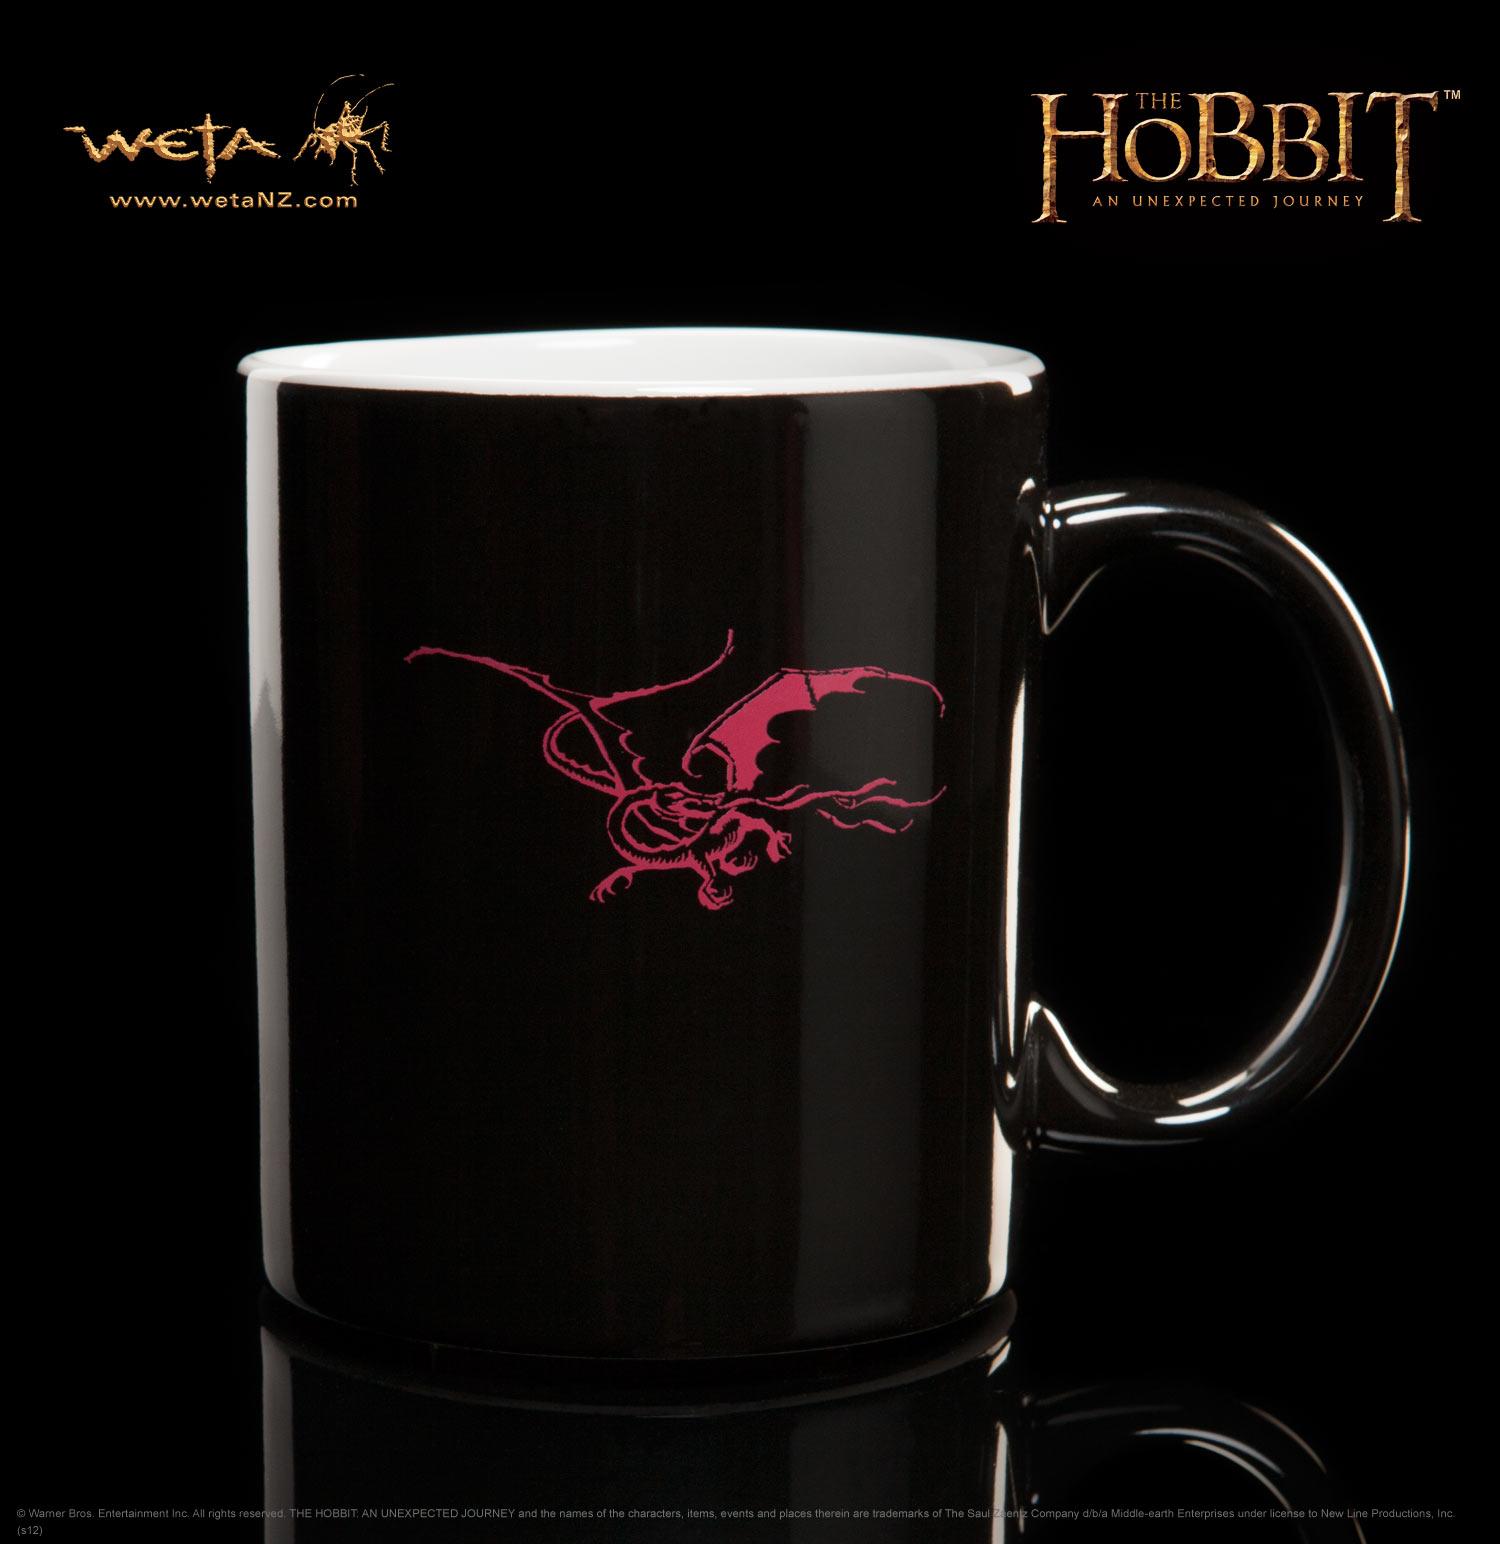 ホビット 思いがけない冒険 レッドドラゴンのマグカップ